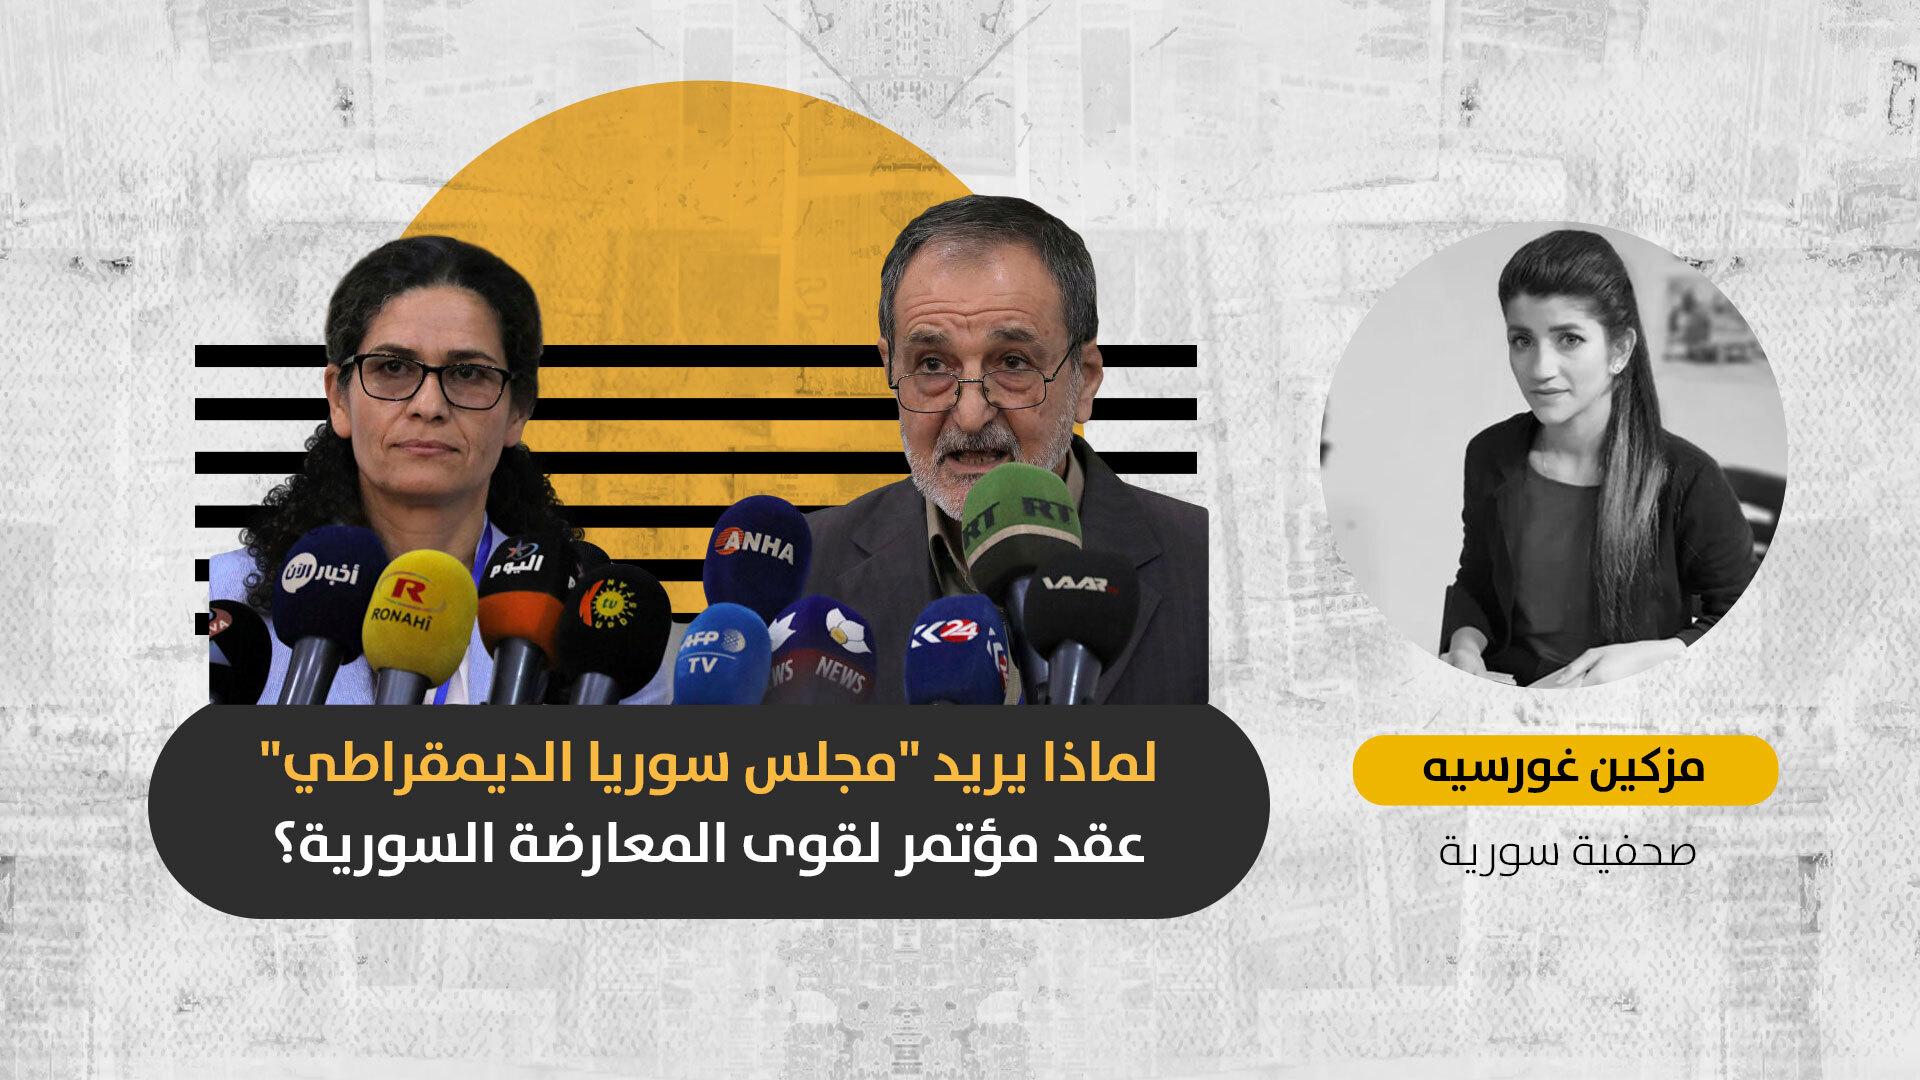 """مؤتمر """"القوى والشخصيات الديمقراطية"""": هل ينجح """"مسد"""" بتشكيل جسم سياسي سوري معارض بعيداً عن الإخوان المسلمين والنفوذ التركي؟"""